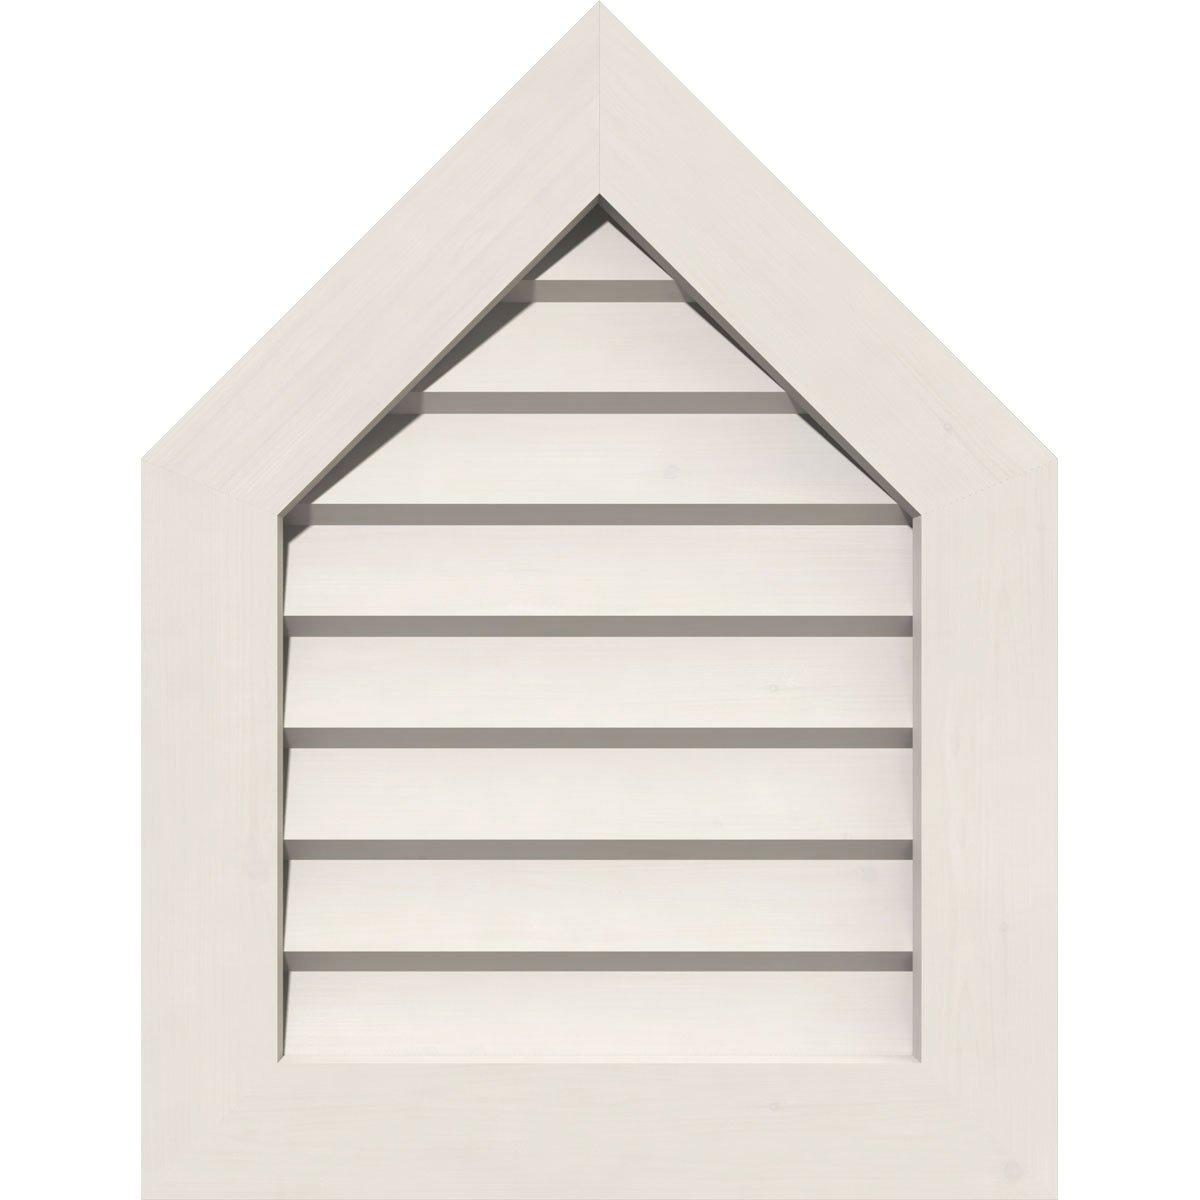 Ekena Millwork GVPPE18X3201DUN-12 12/12 Pitch Pvc Gable Vent with 23'' x 37'' Frame, 18'' x 32'', White